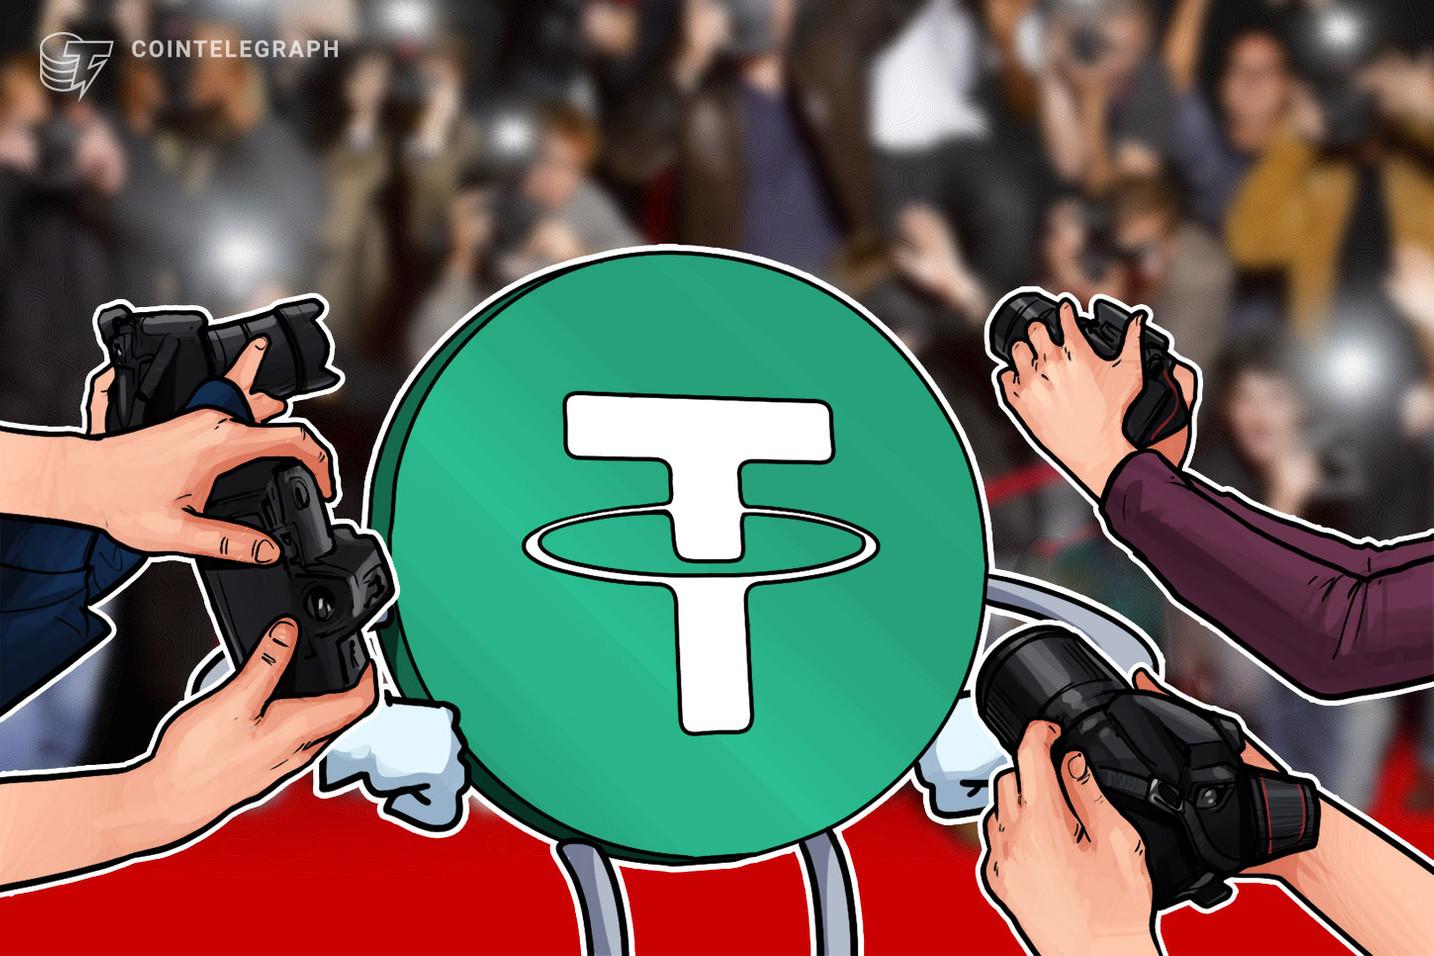 Tether vuelve a abrir canje directo de dinero fíat, mientras Bitfinex agrega pares de comercio Tether-fíat